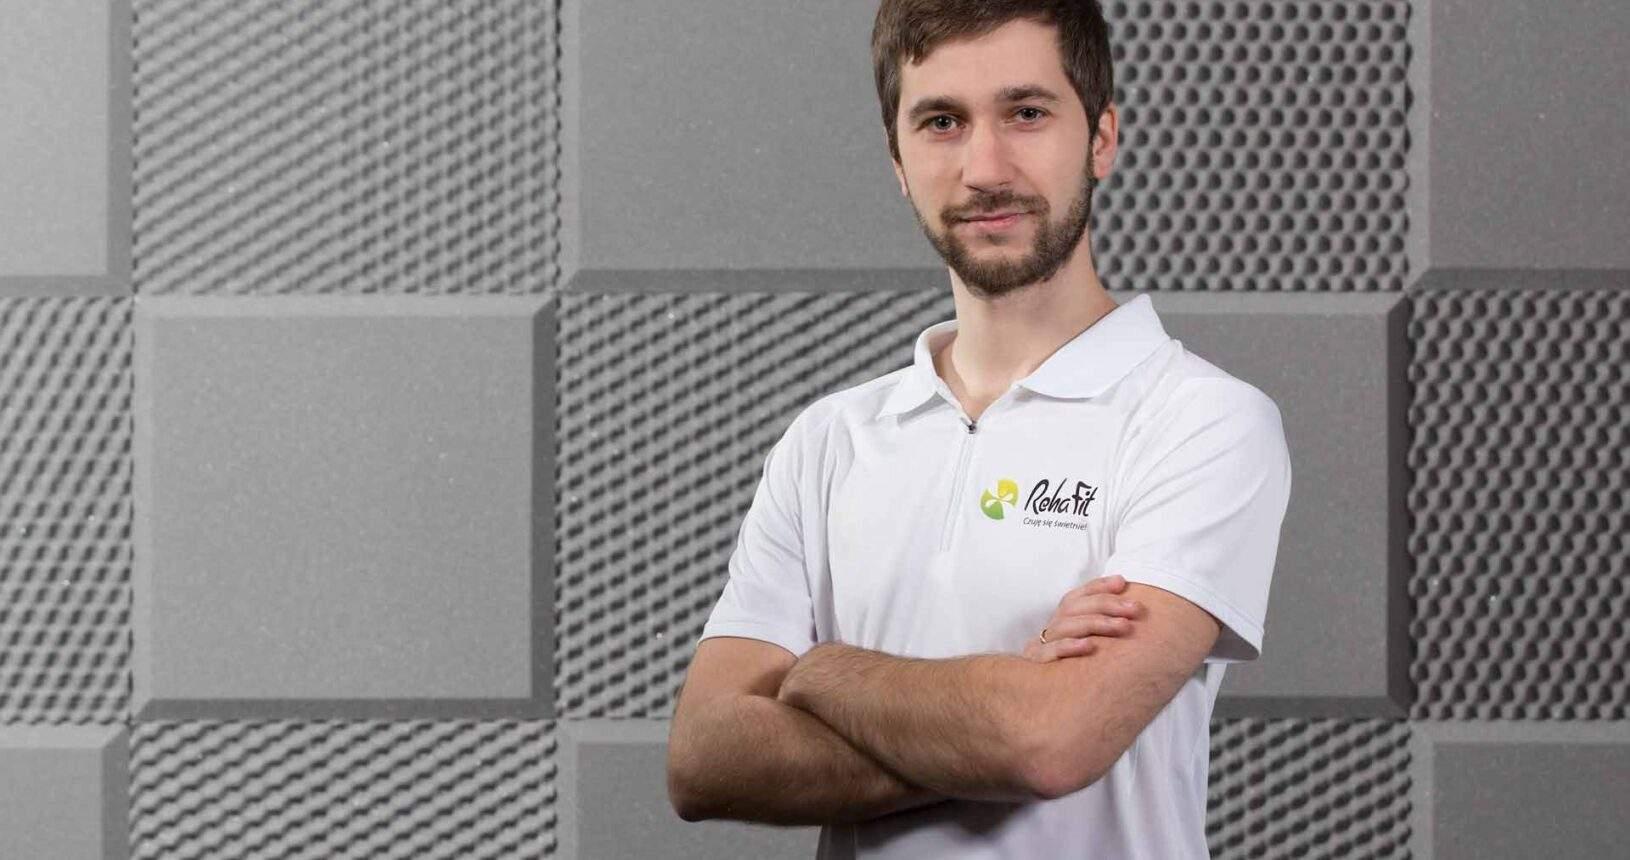 Fizjoterapeuta Wiktor Deroń specjalizujący się w terapii manualnej i rehabilitacji ortopedycznej.